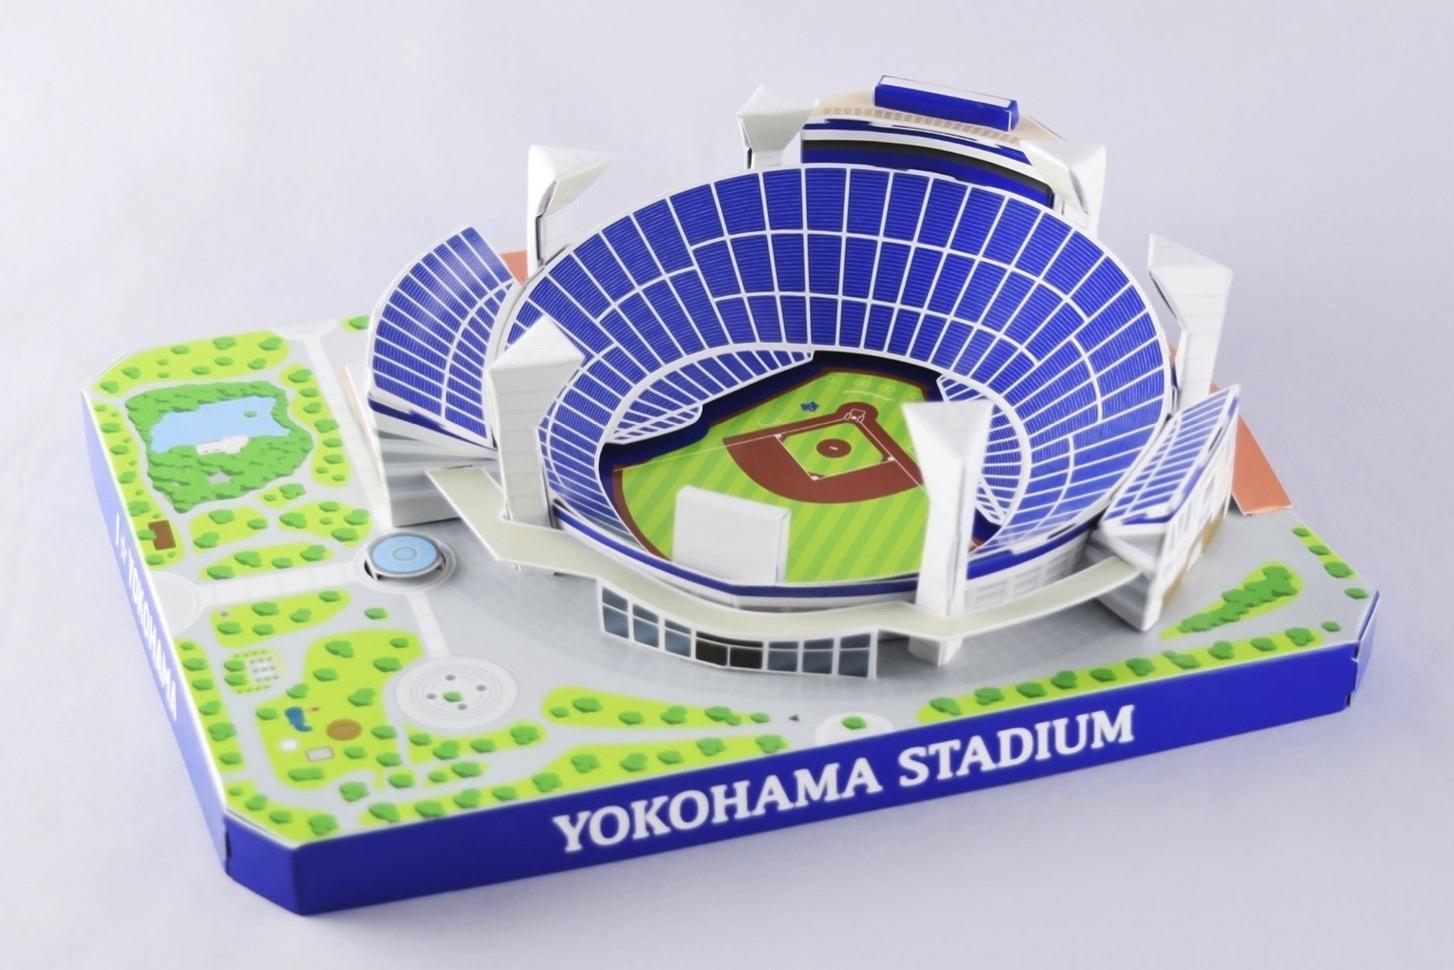 横浜スタジアムペーパークラフト制作データを3月末まで無料公開!